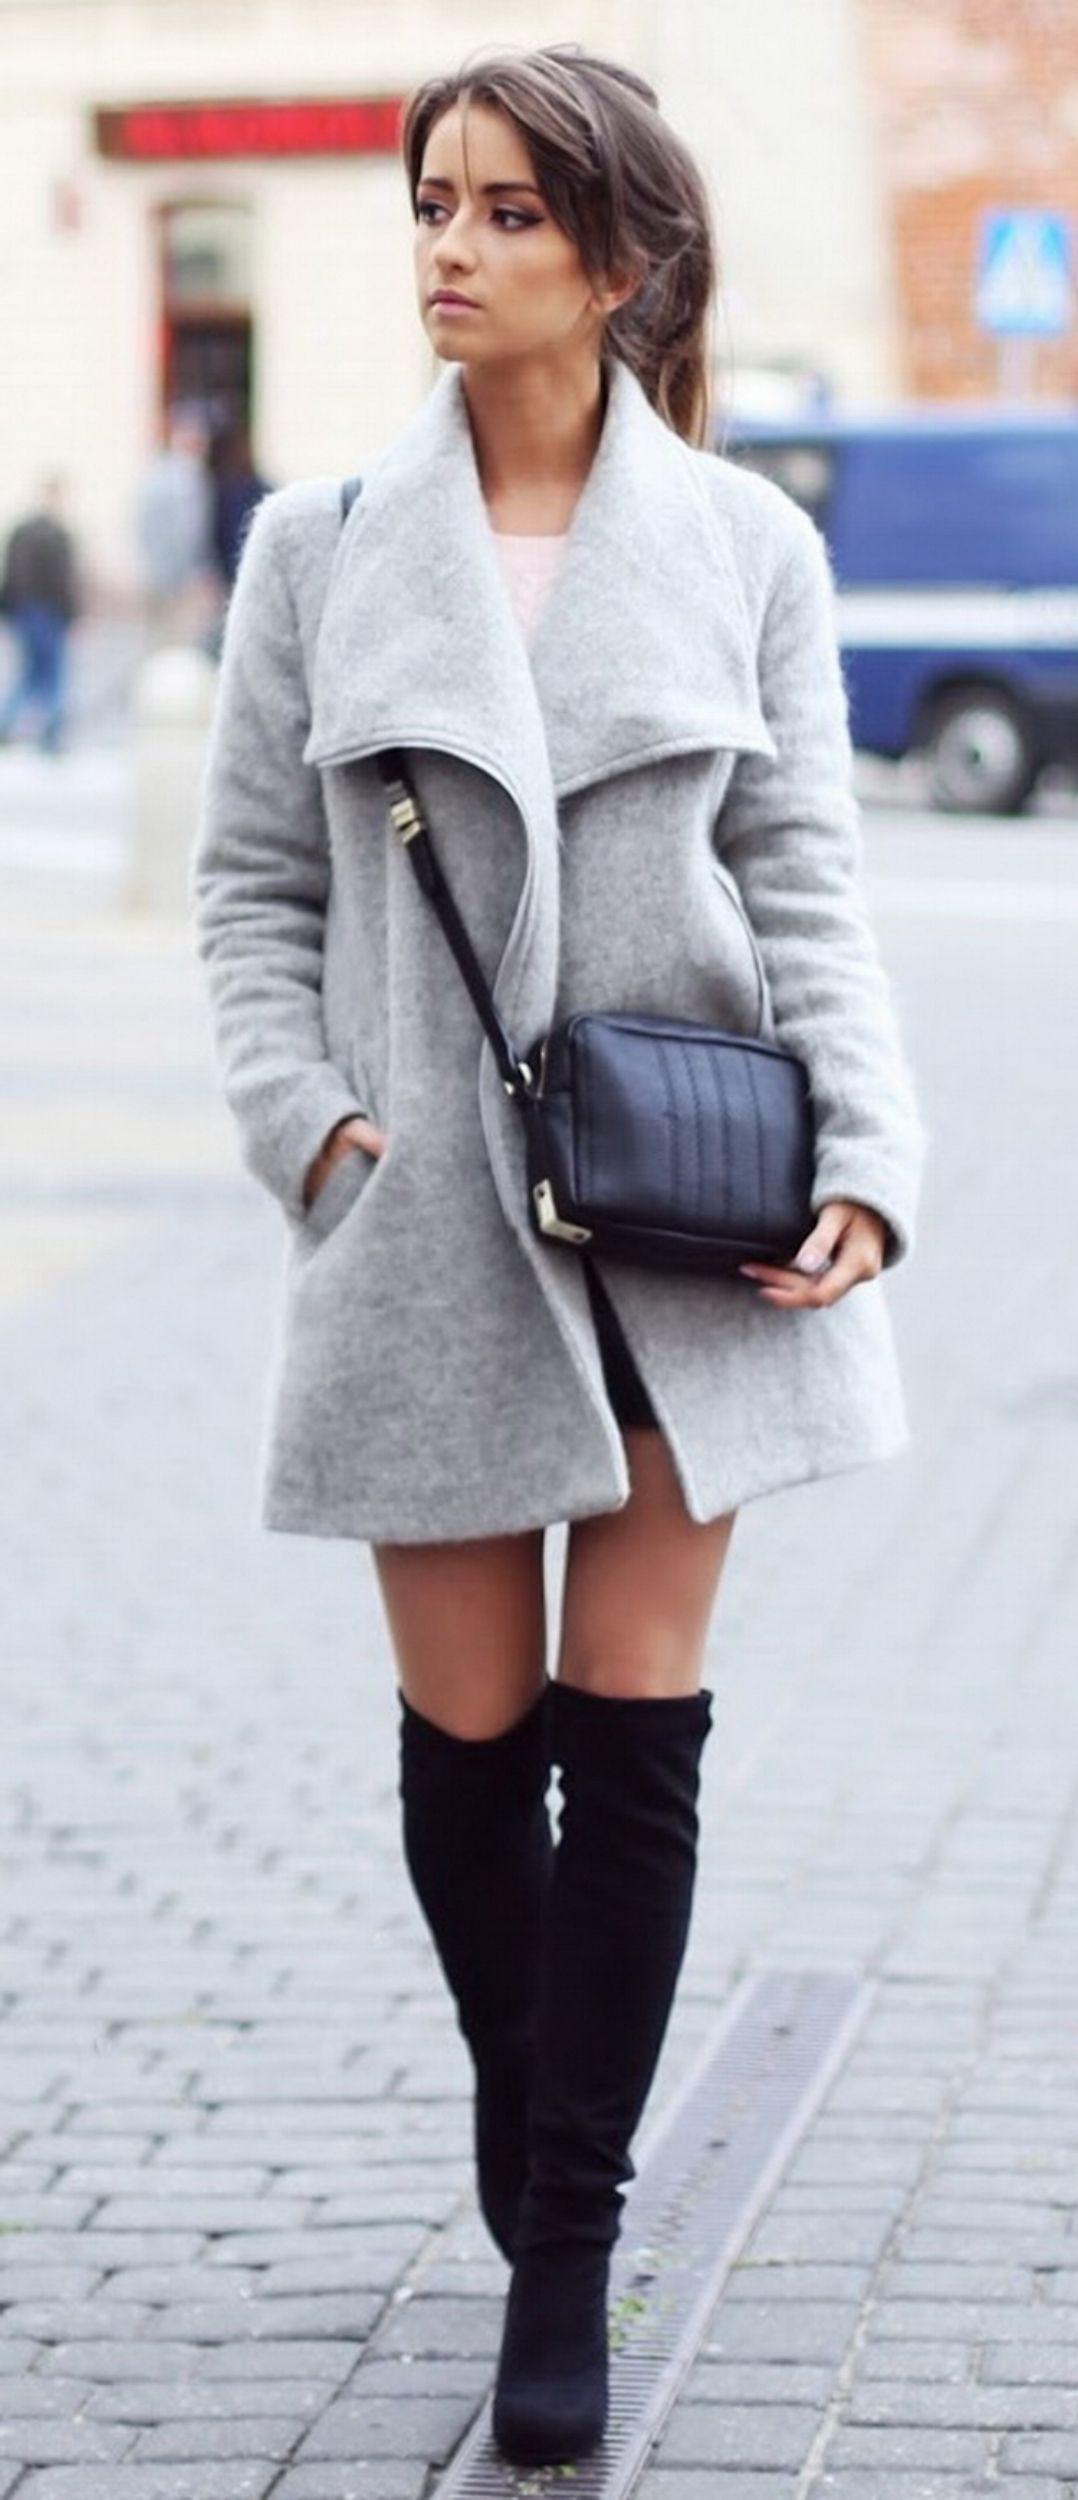 Finest manteau avec cuissarde, Thigh-high boots